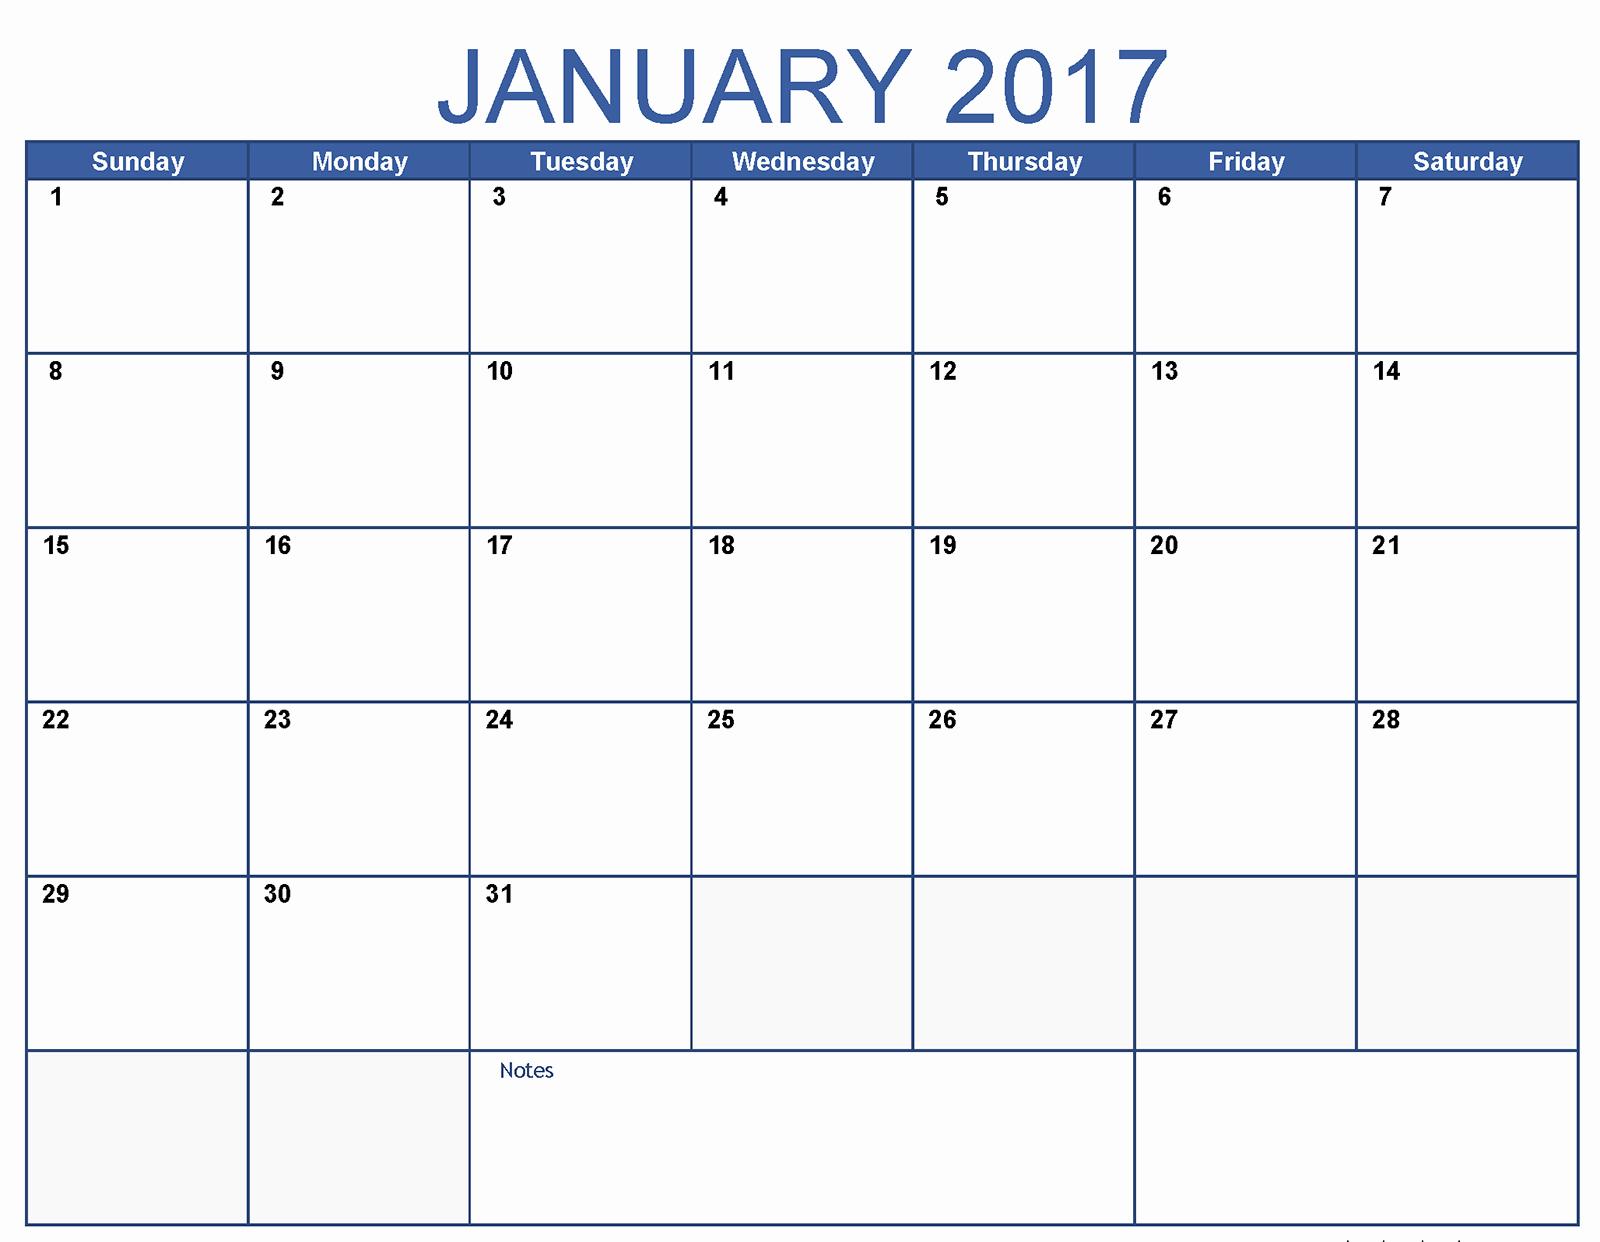 January 2016 Calendar Template Word Lovely January Calendar 2017 Word